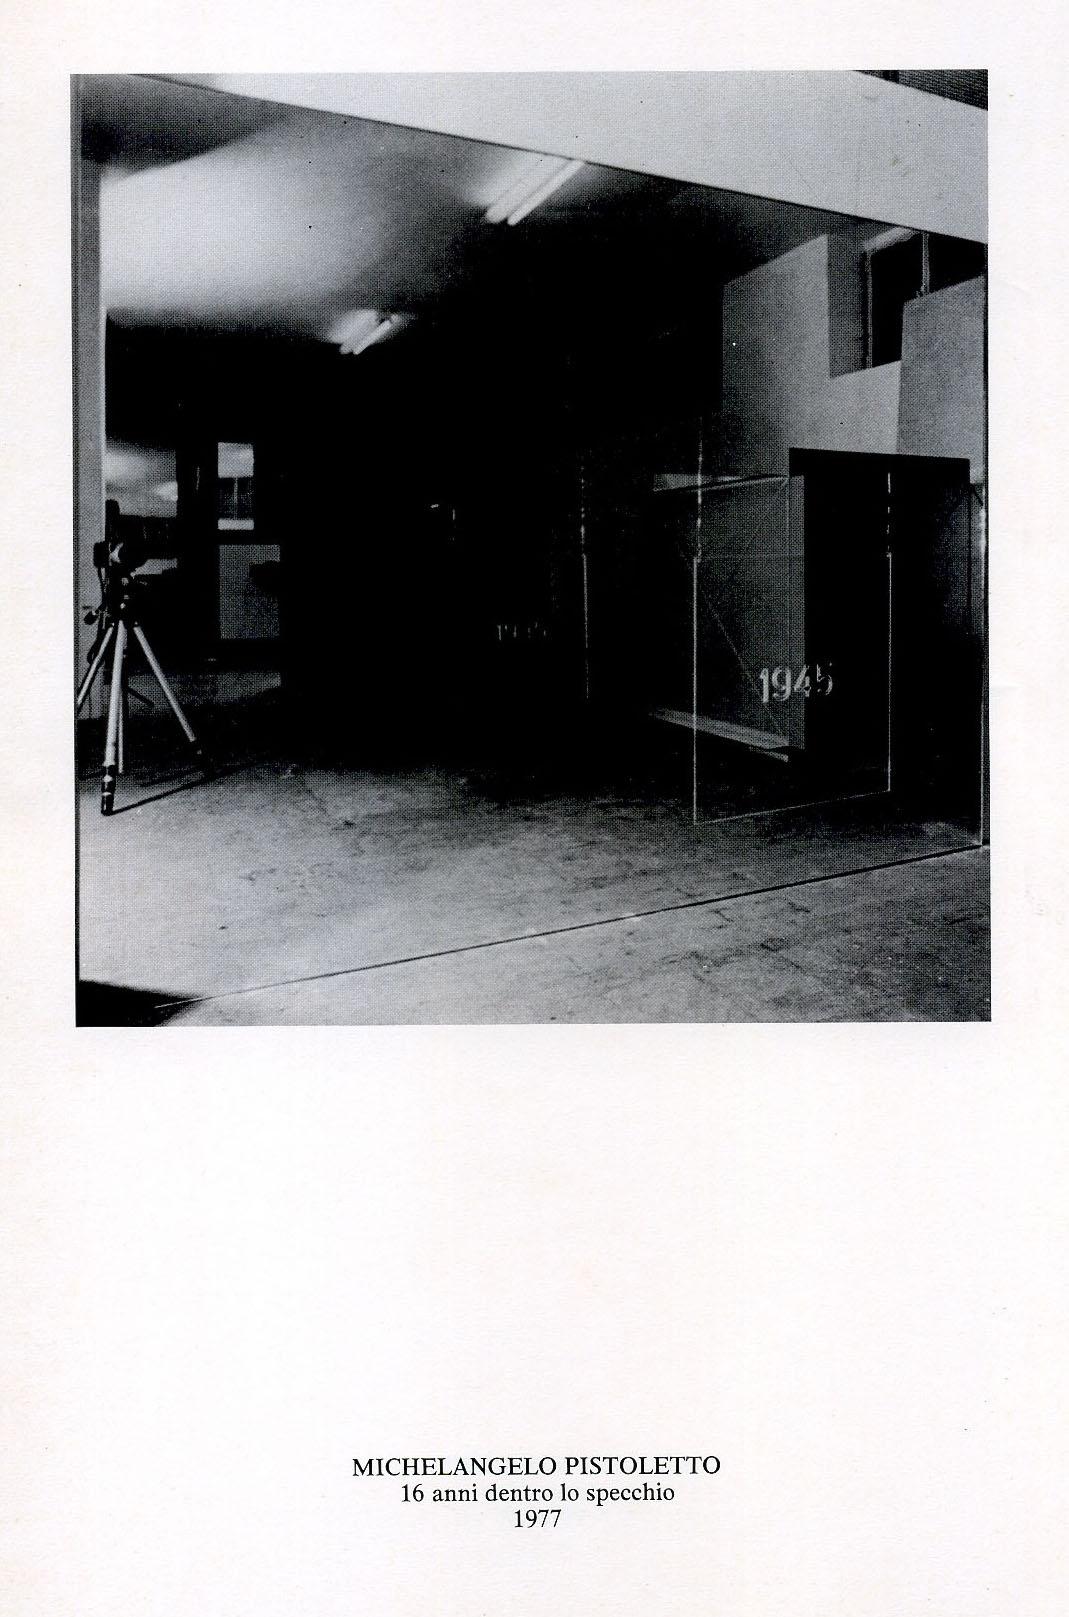 Le figure del tempo - Pistoletto -galleria de foscherari.jpg